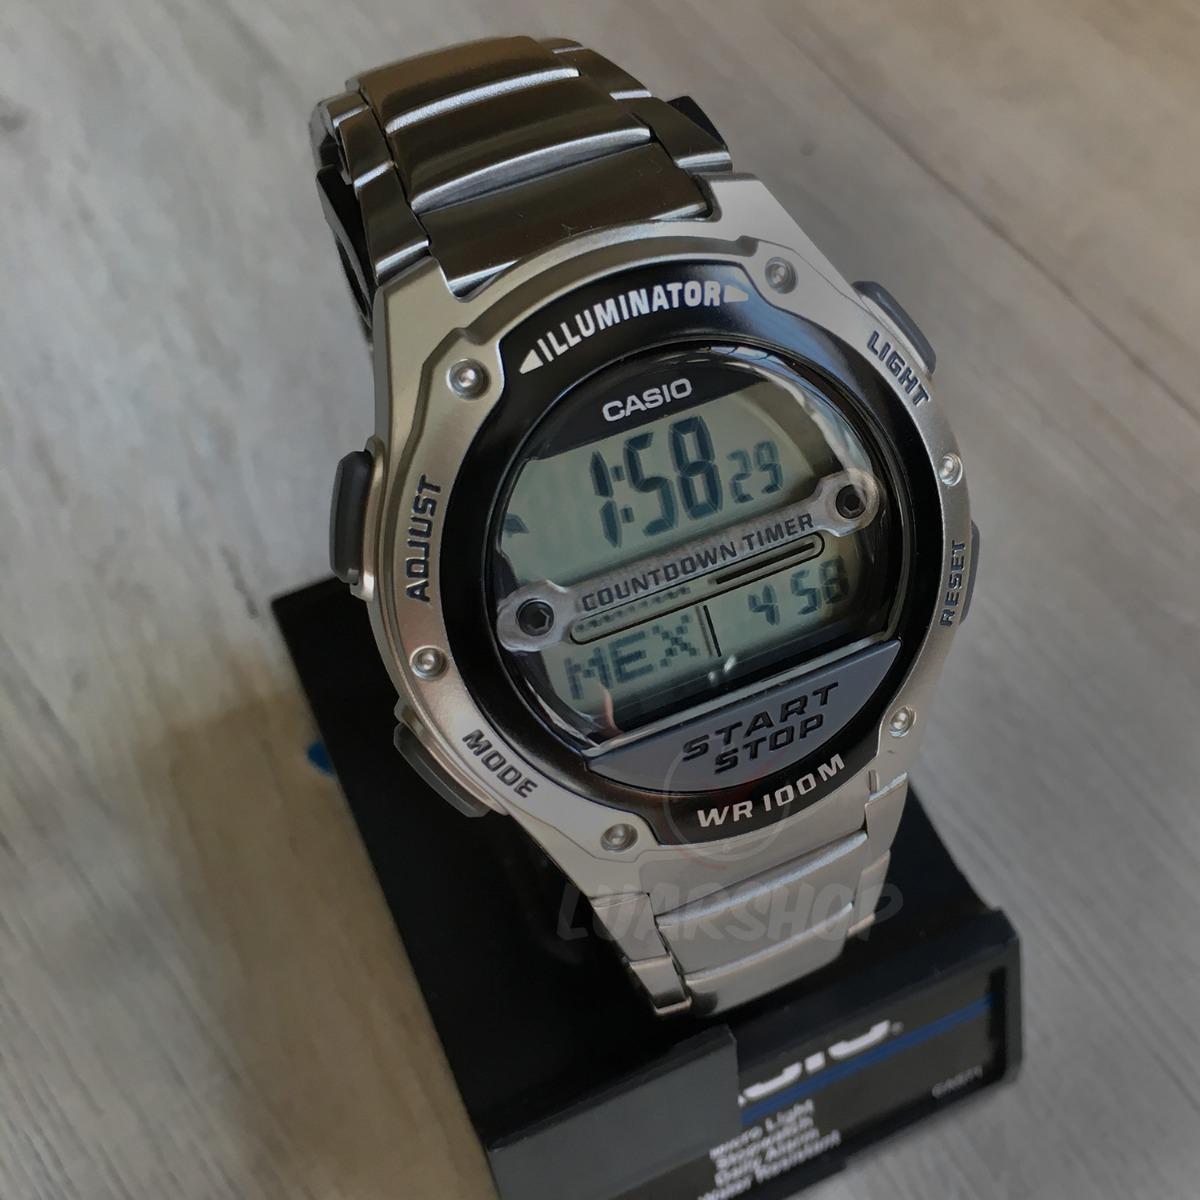 05ec6cb2ced Carregando zoom... relógio casio digital masculino w756d temporizador  original